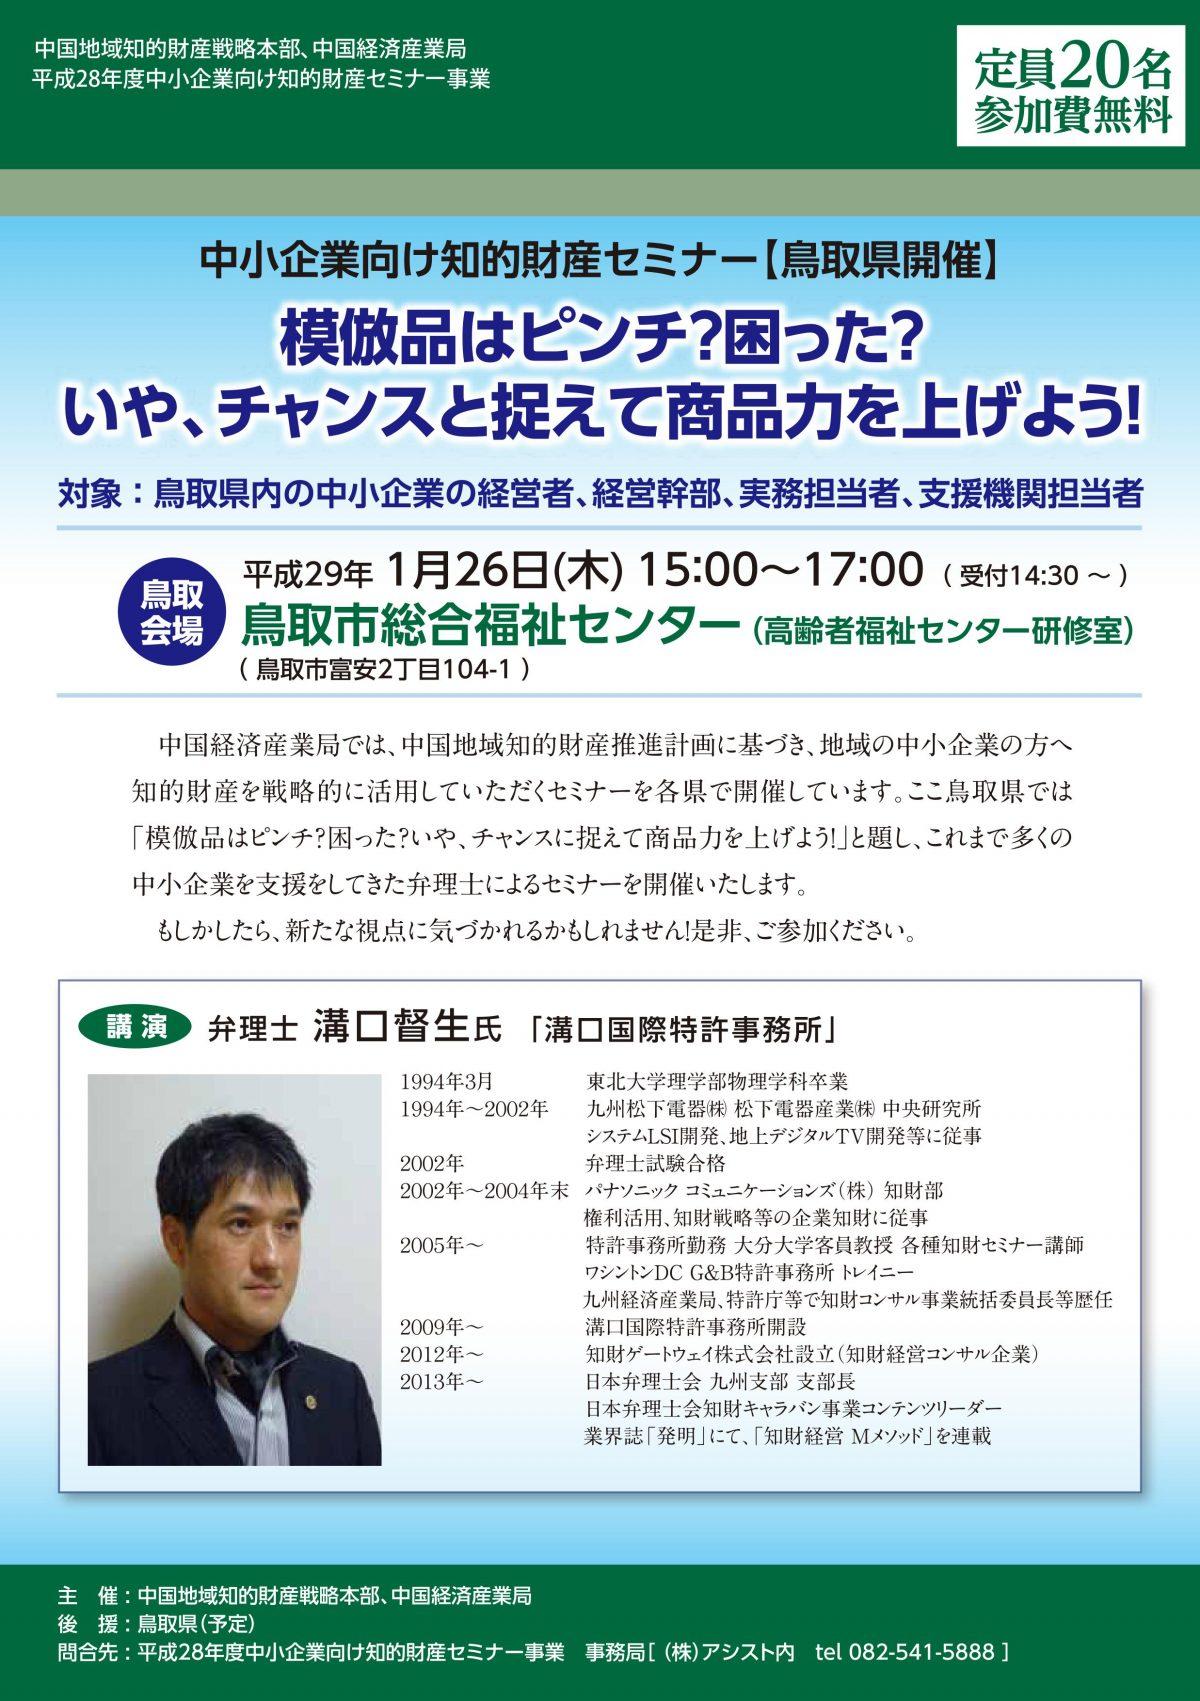 (終了しました) 中小企業向け知的財産セミナー【鳥取県開催】 ~模倣品はピンチ?困った?いや、チャンスと捉えて商品力を上げよう! ~